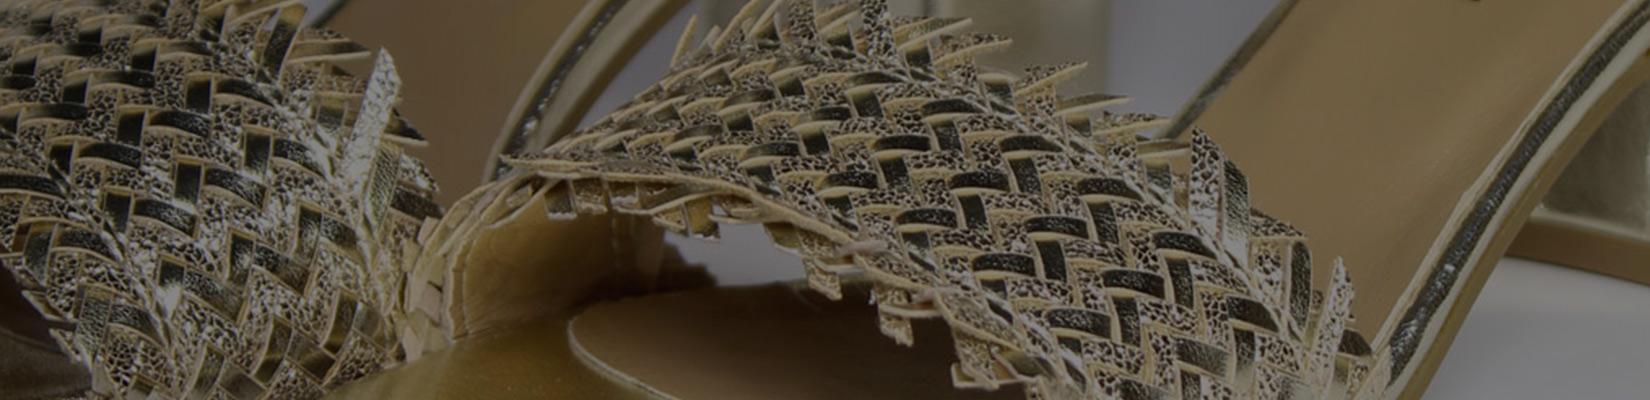 Calzoleria Artigiana